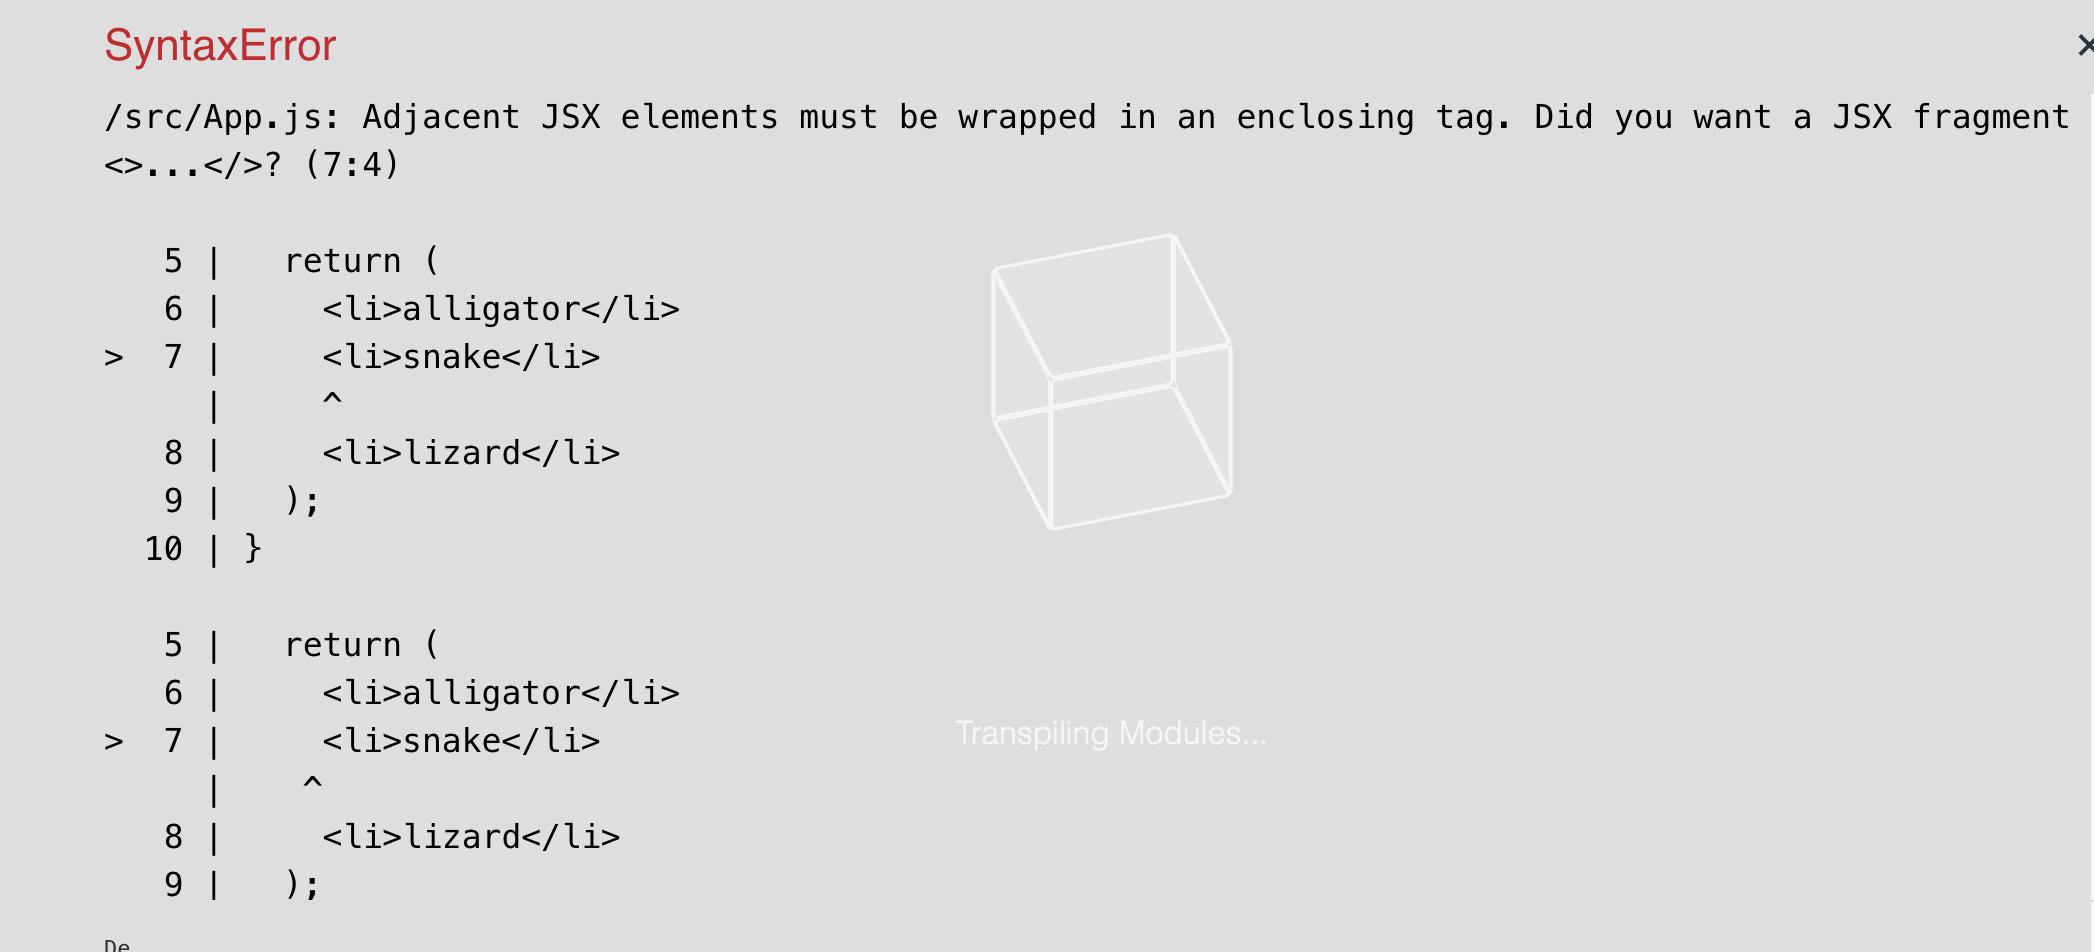 Erro de sintaxe do React para elementos JSX adjacentes